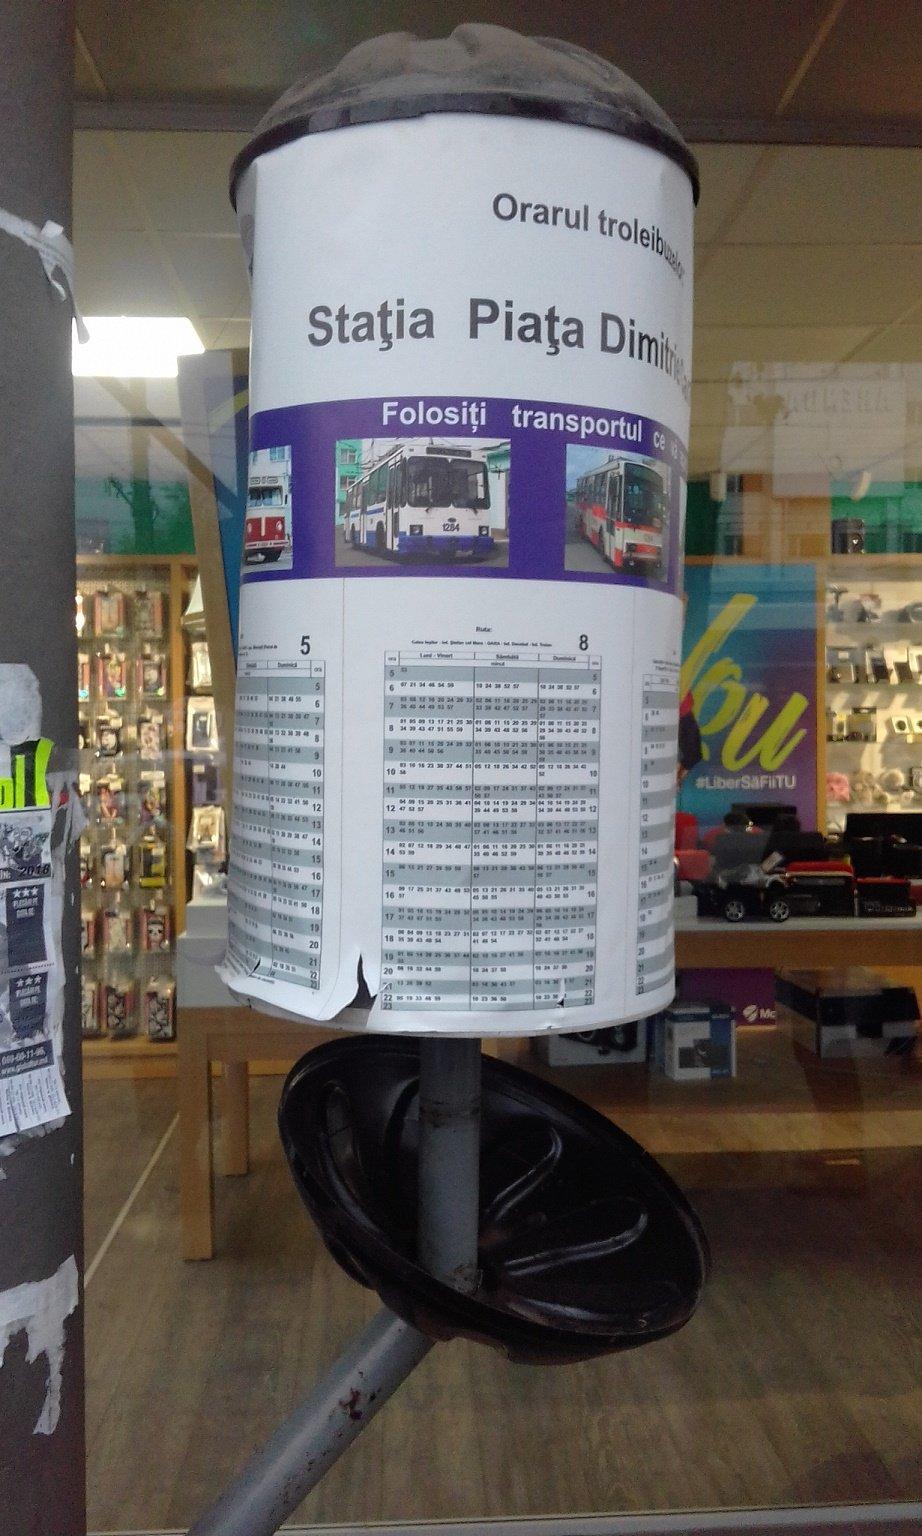 Вандалы снова испортили панно с расписанием общественного транспорта в Кишиневе